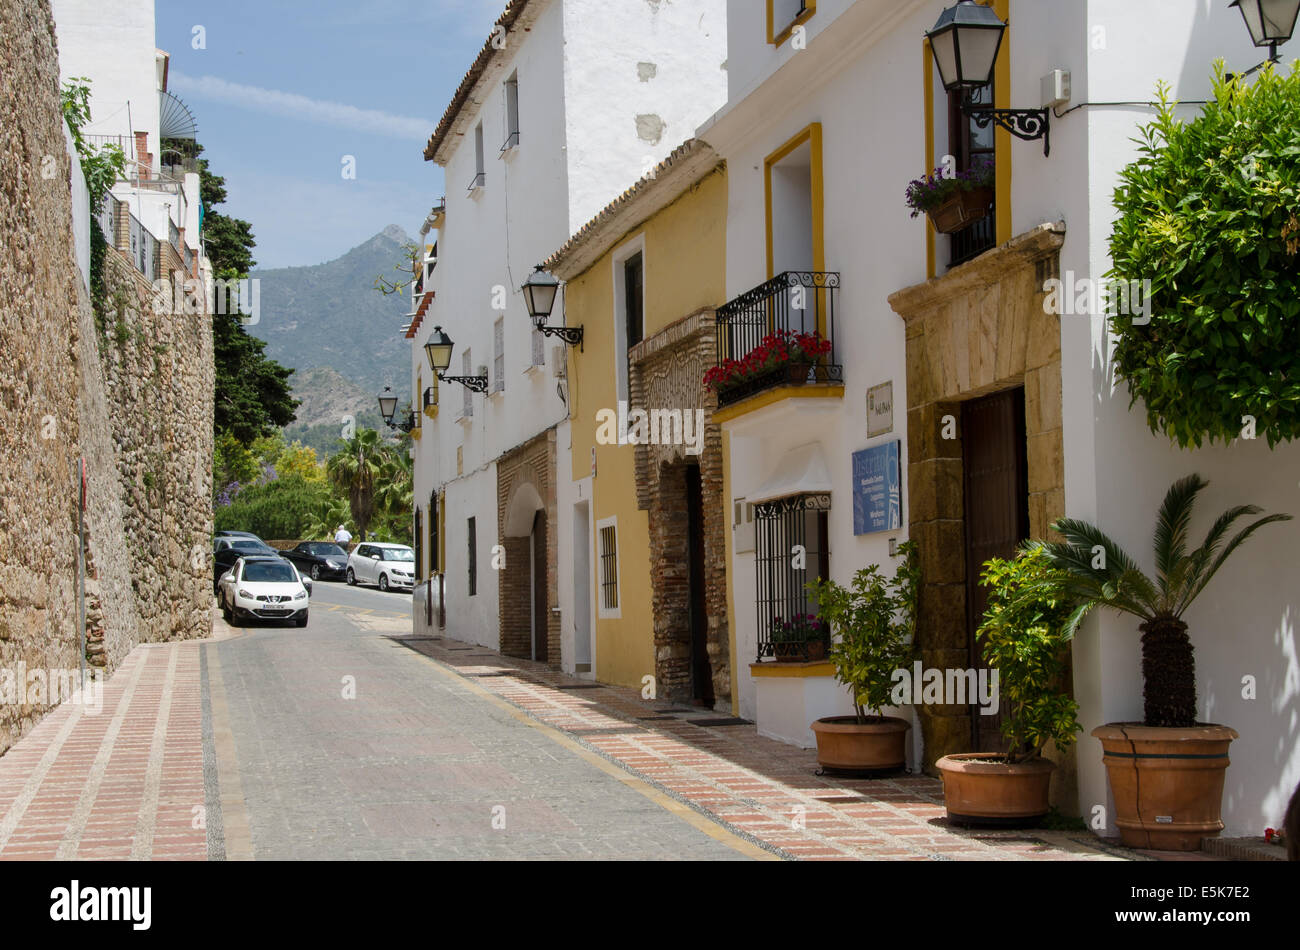 Salinas street della Città Vecchia (Casco Antiguo) Marbella in Spagna. Immagini Stock